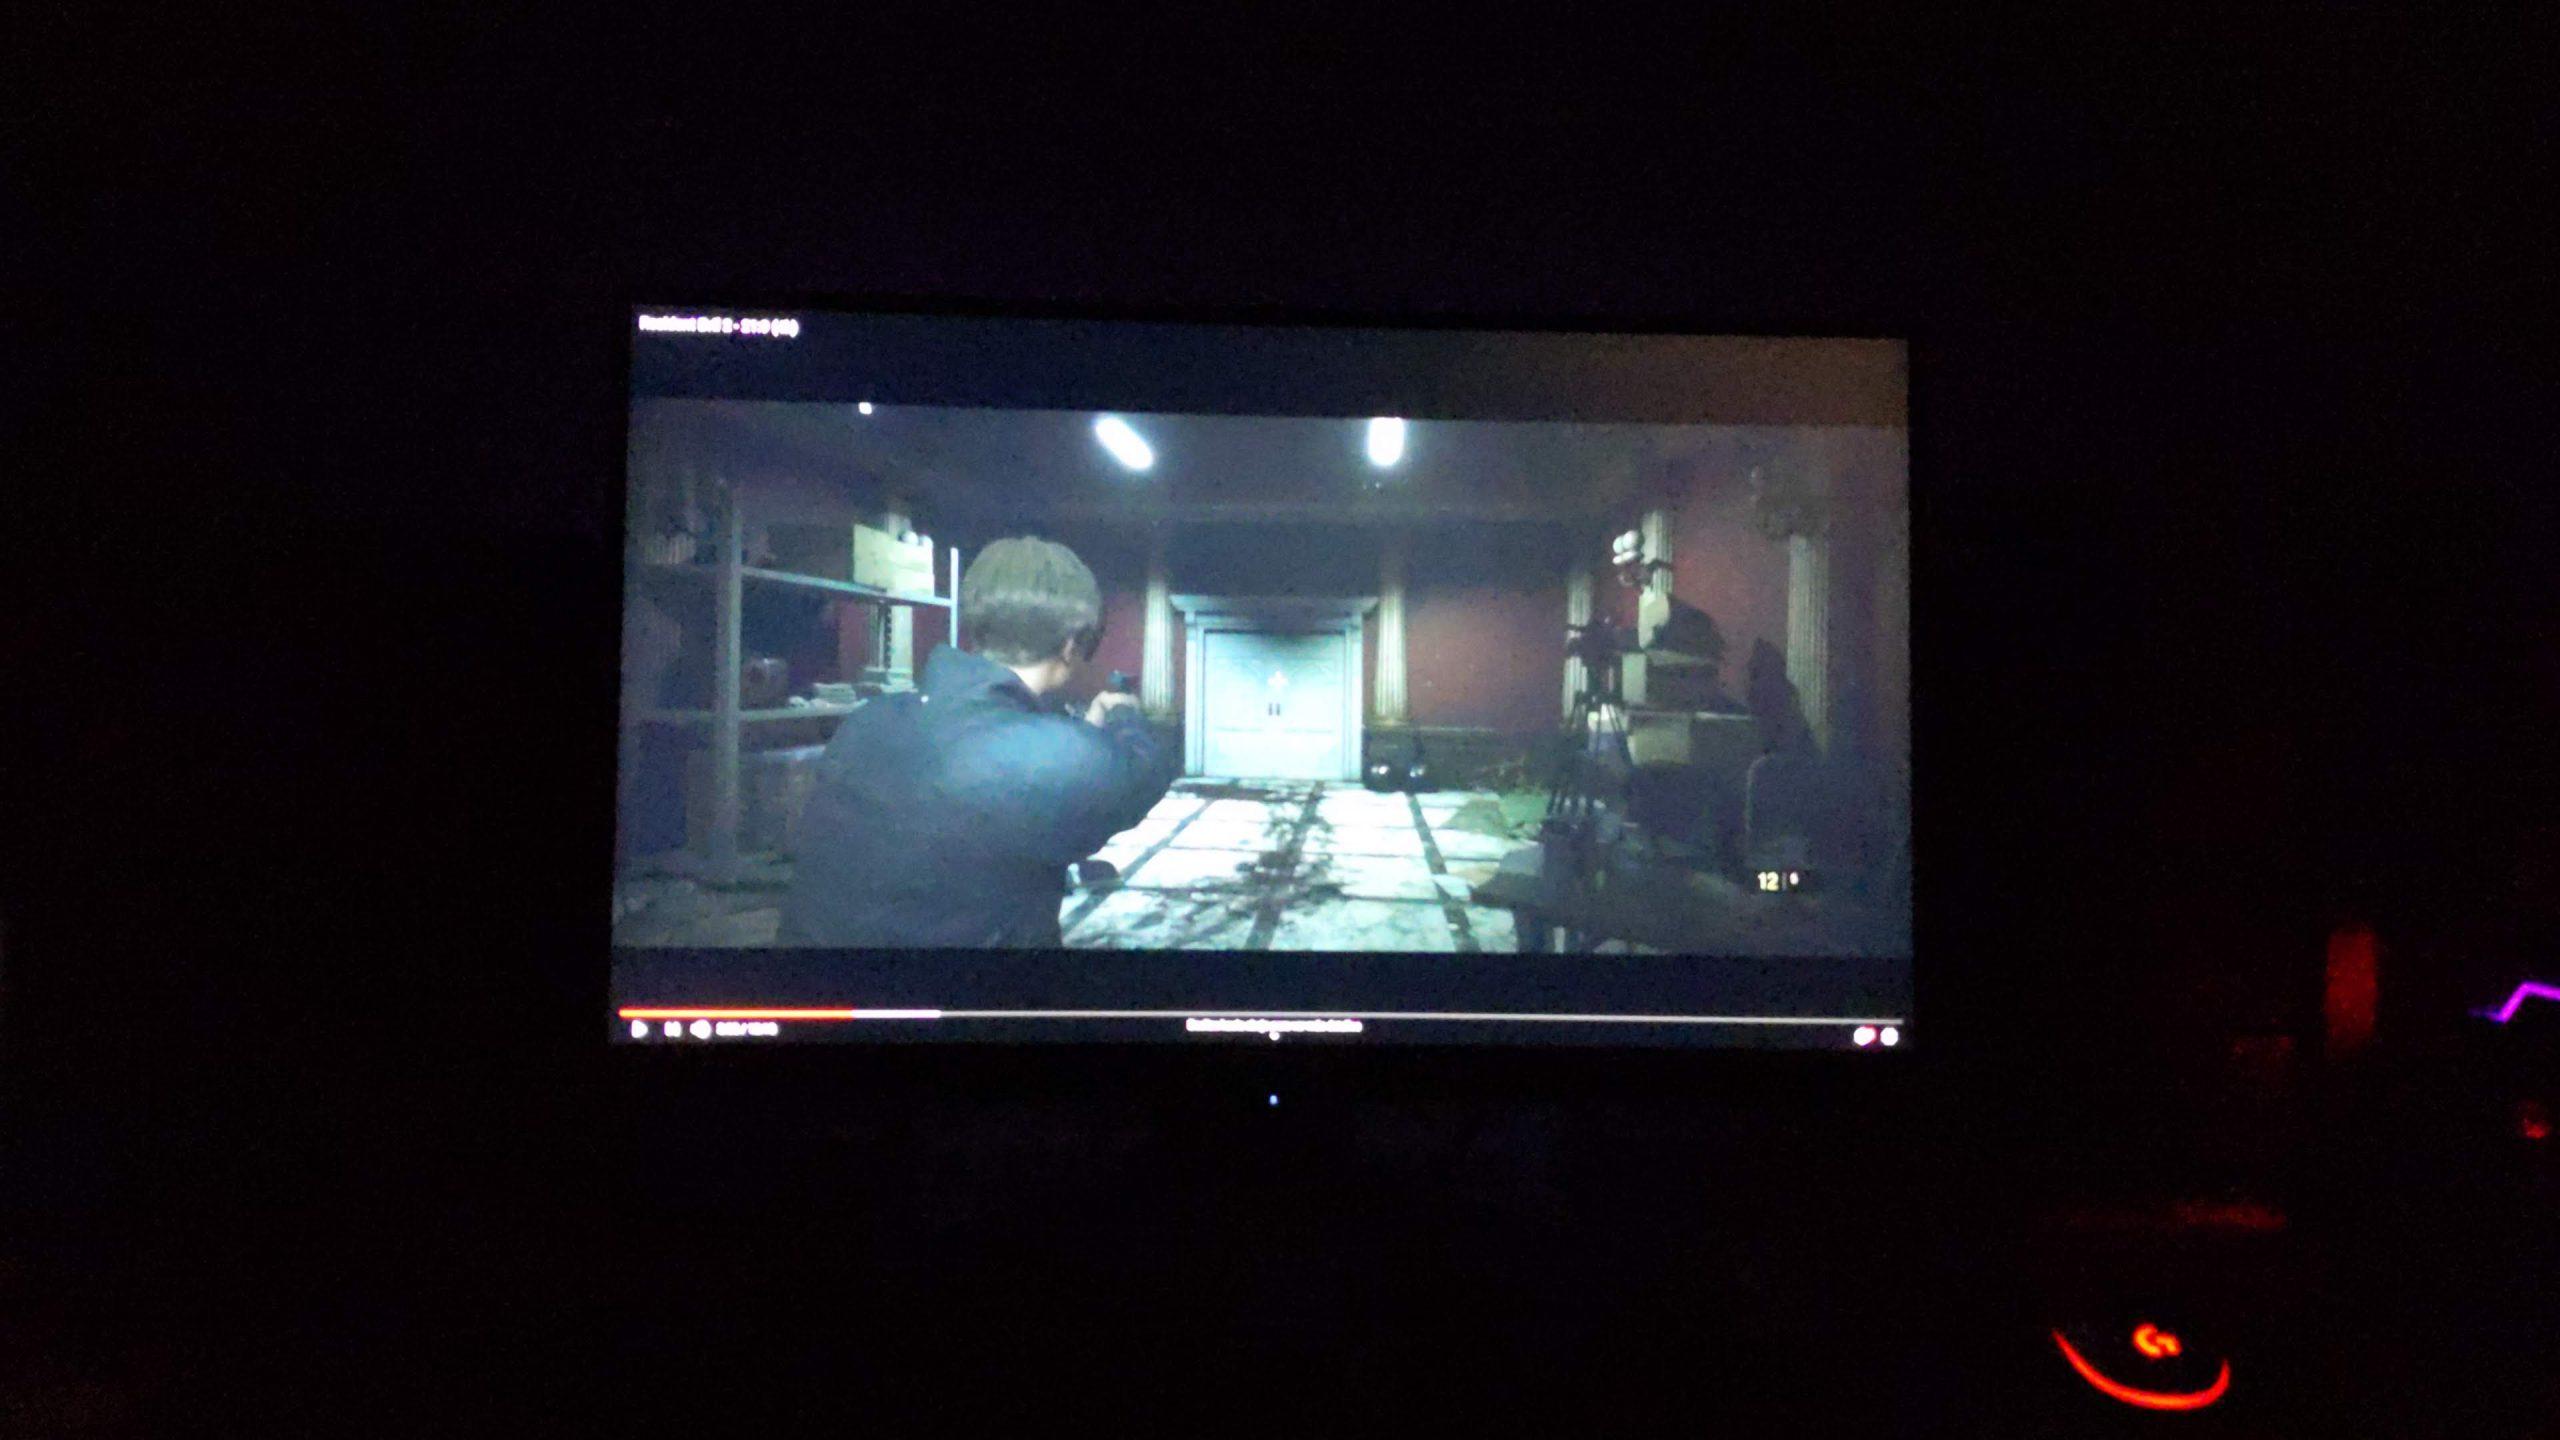 AORUS FI27Q P Resident Evil